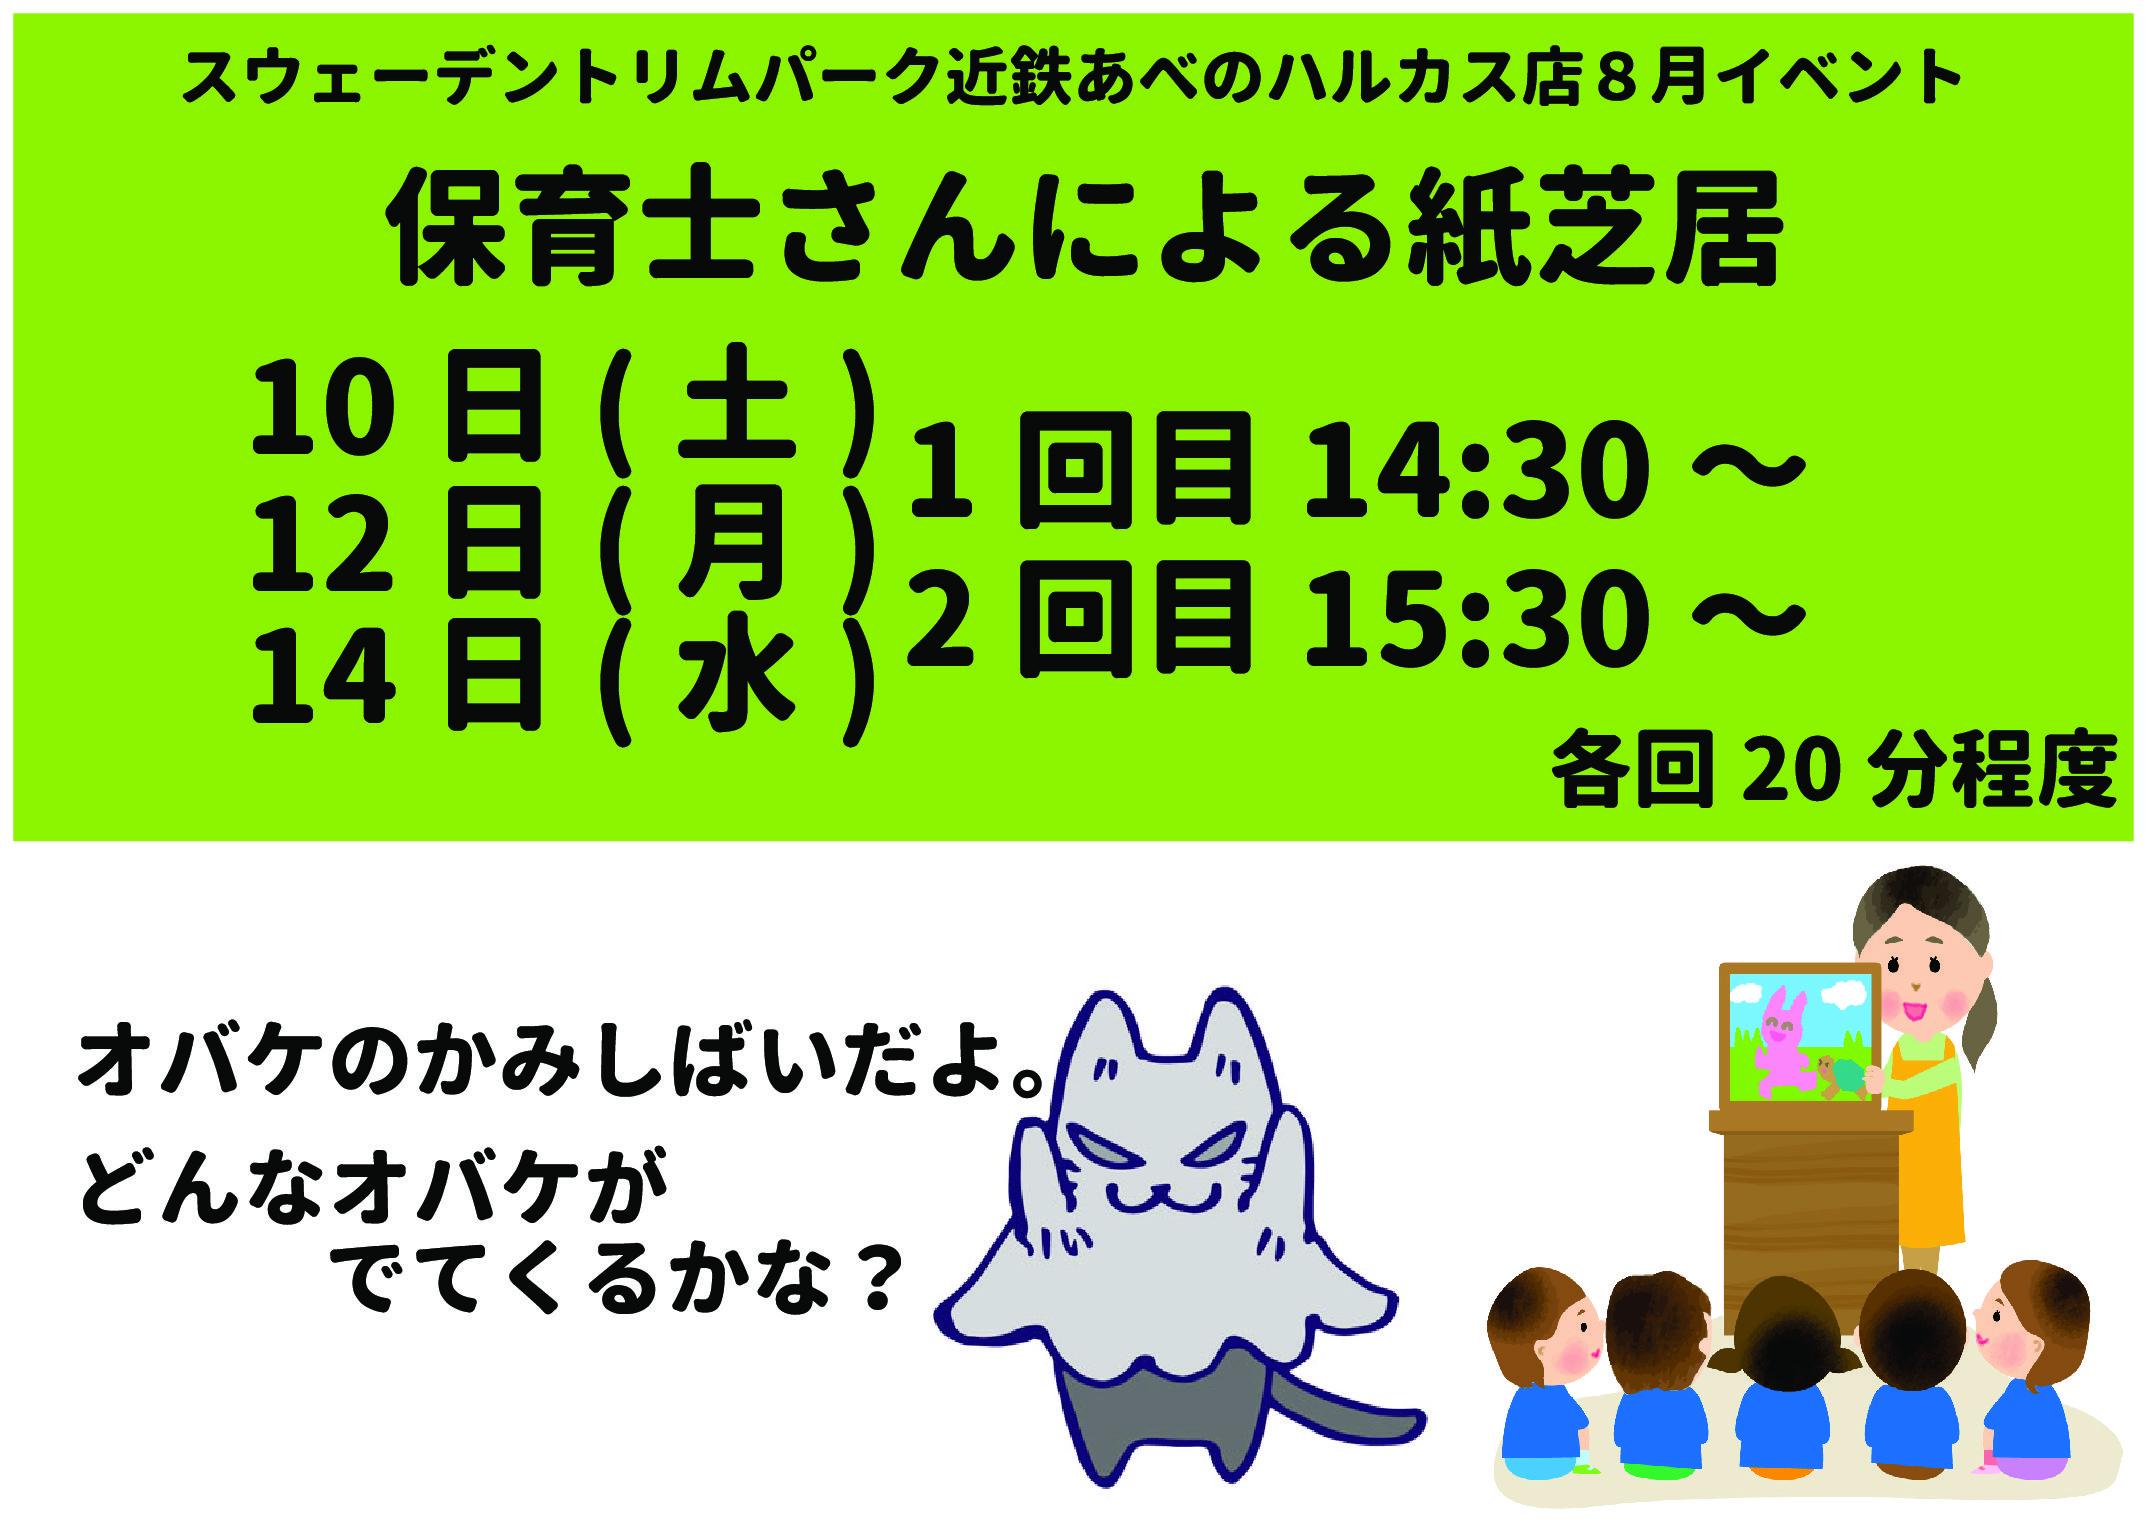 近鉄あべのハルカス店 8月イベント 夏はヒンヤリおばけの紙芝居♬